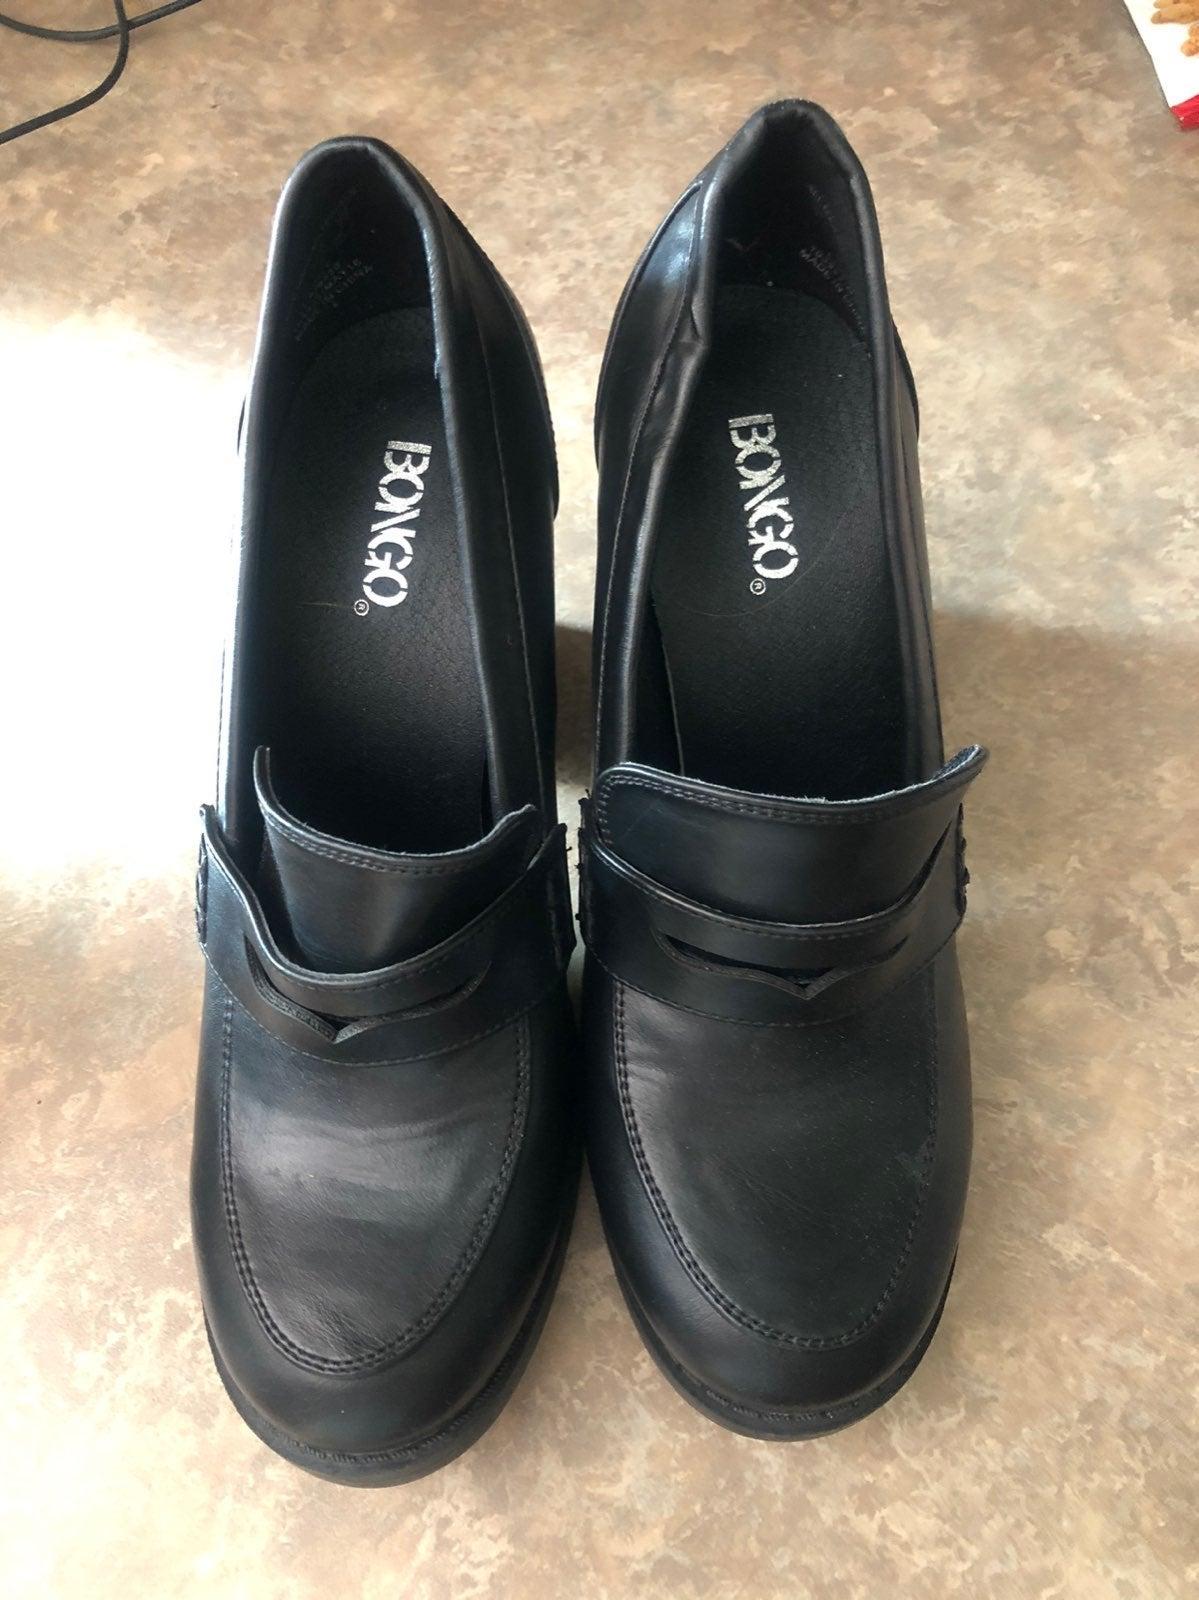 Bongo wedge shoes